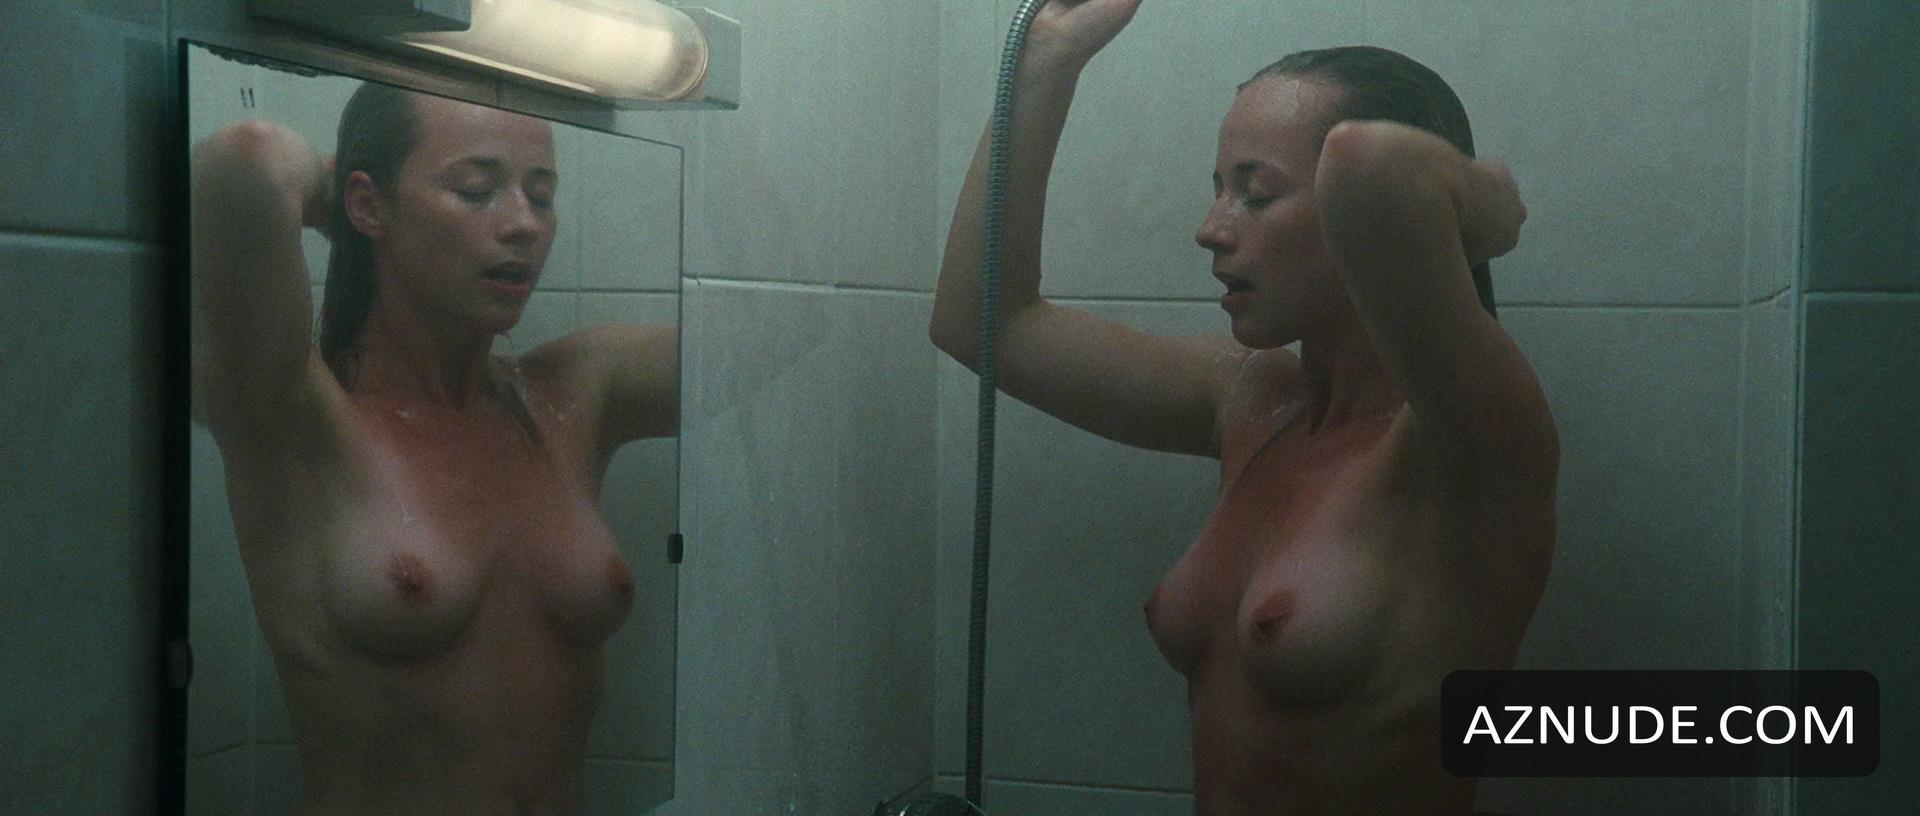 karine vanasse nude photoshop